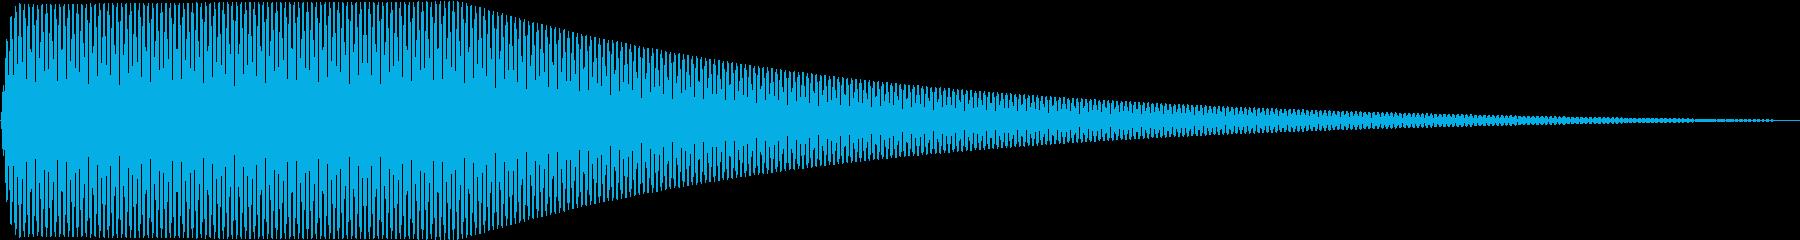 Sin シンプルなサイン波のタッチ音 2の再生済みの波形